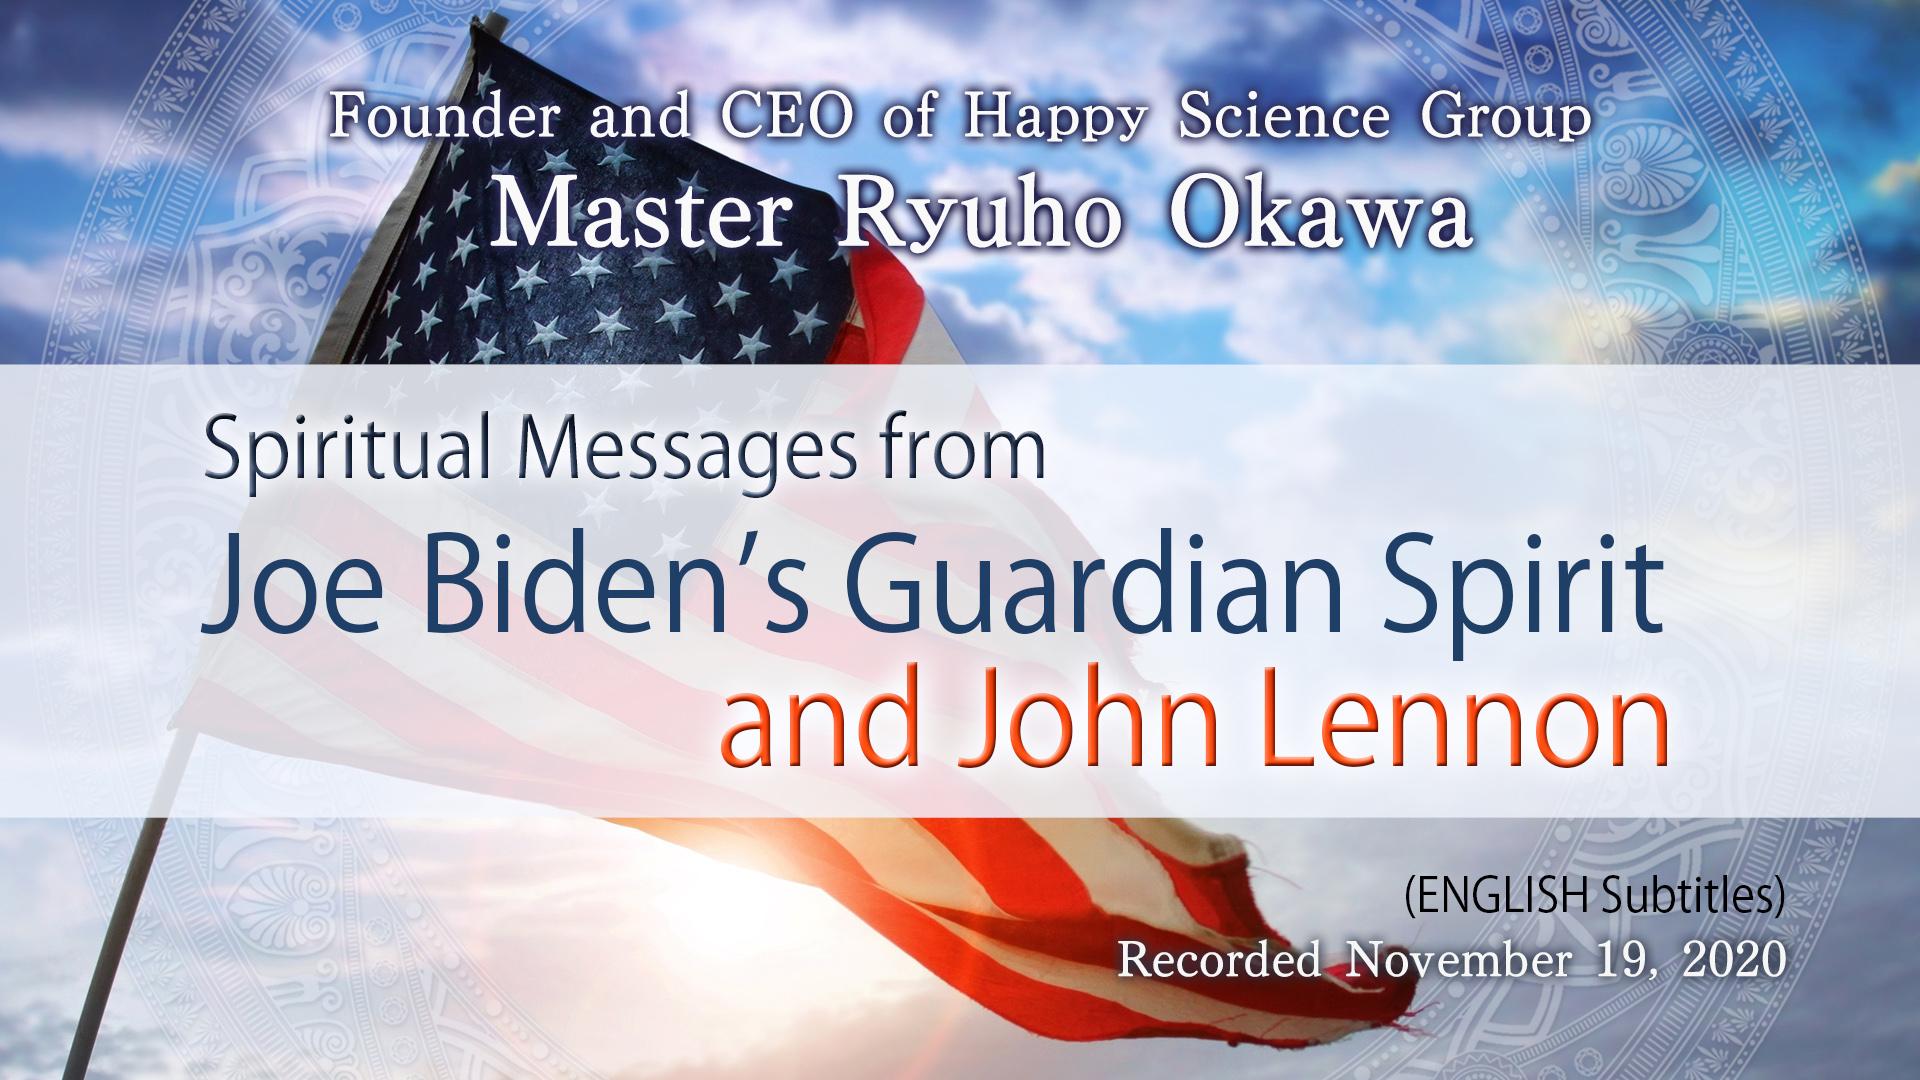 Spiritual Messages from Joe Biden's Guardian Spirit and John Lennon